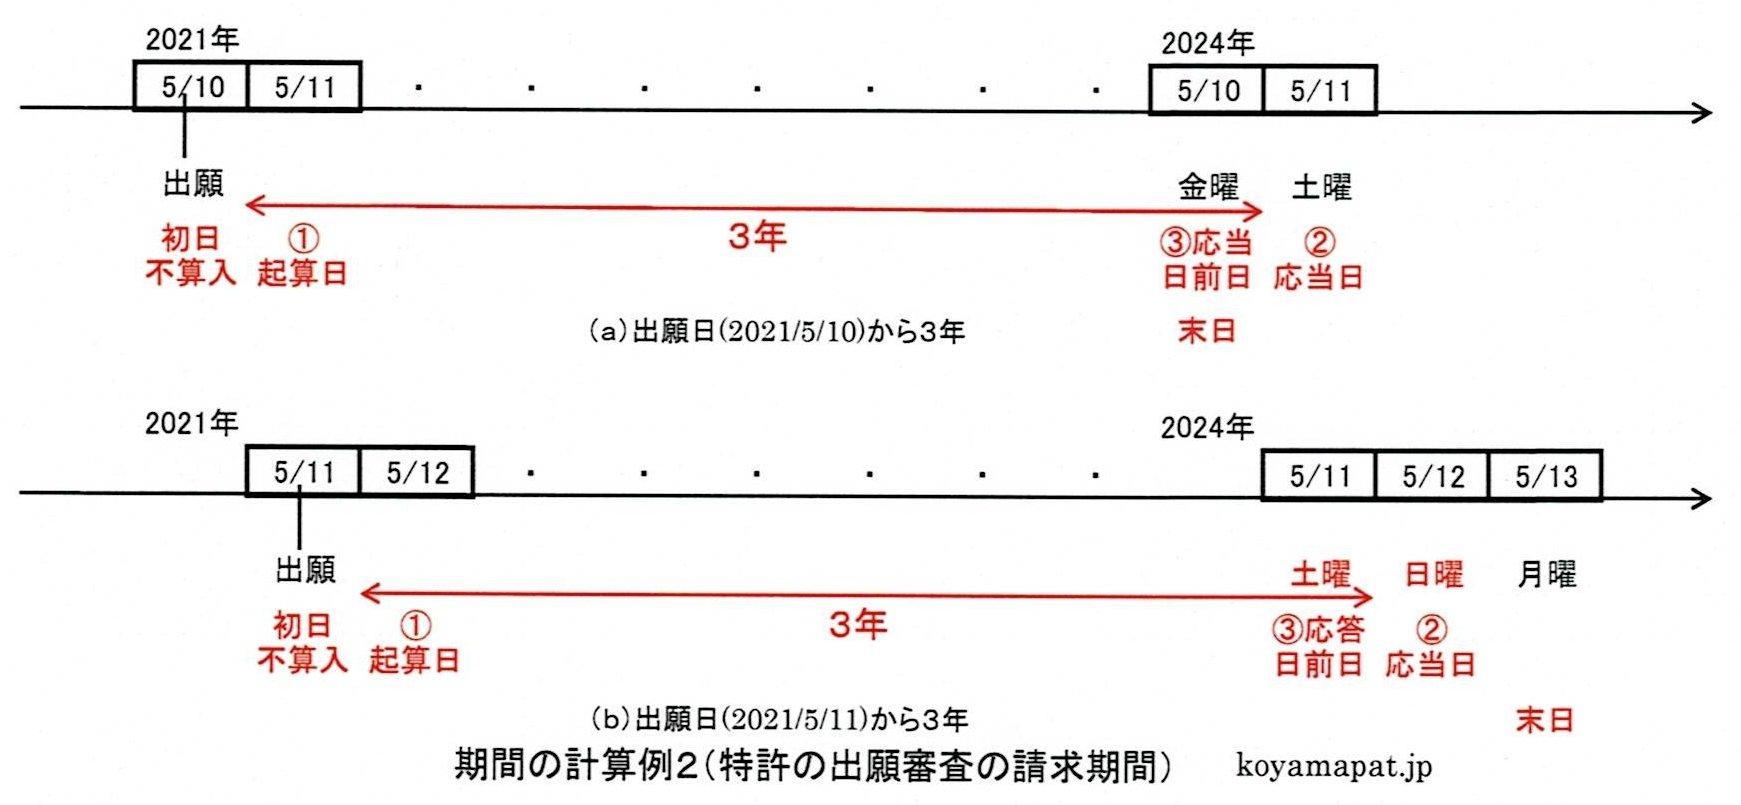 期間の計算例2(特許の出願審査の請求期間):出願日から3年(初日、起算日、応当日、満了日の関係)